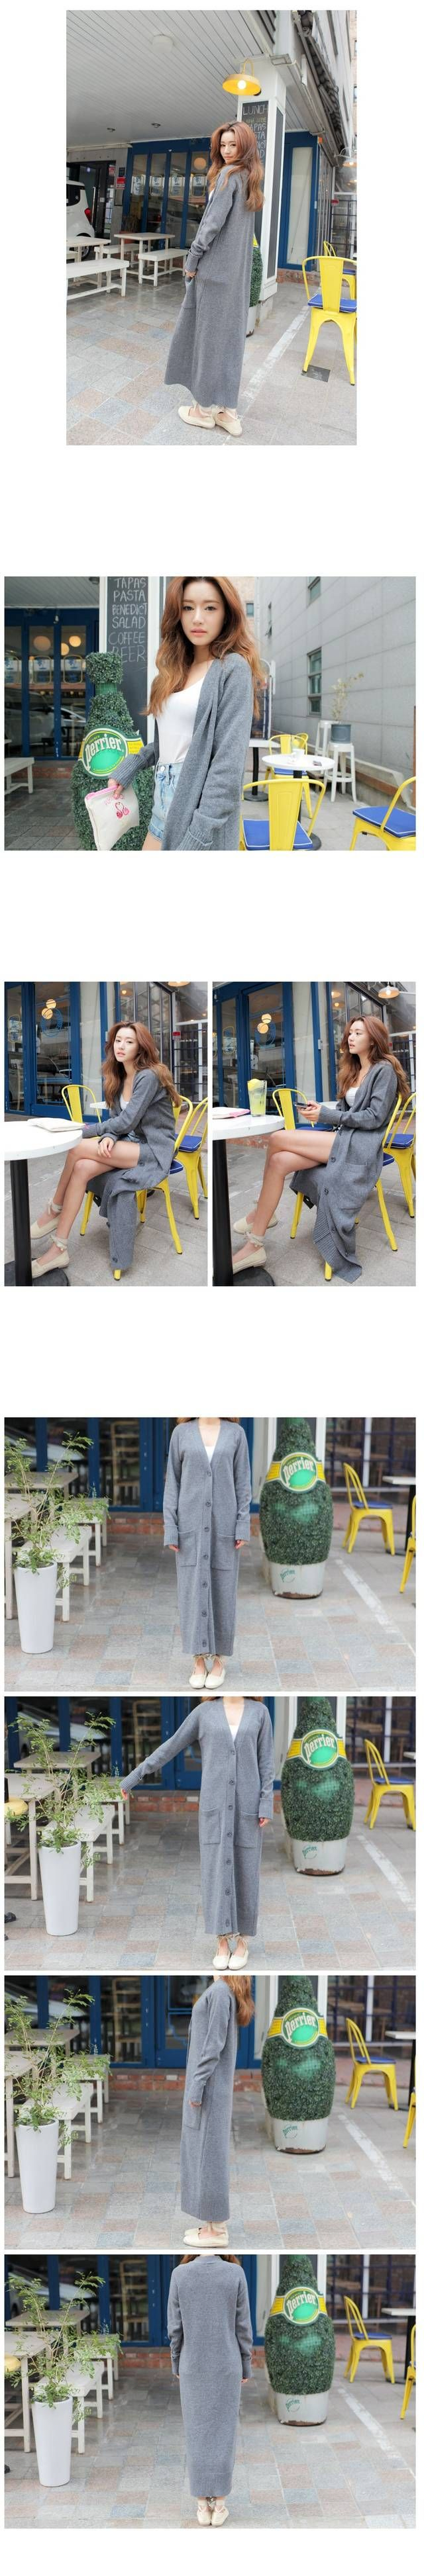 Корея длинной шерсти вязаный кардиган свитер досуг женский тенденции мода светло серый большой размер пальтокупить в магазине Fashion…